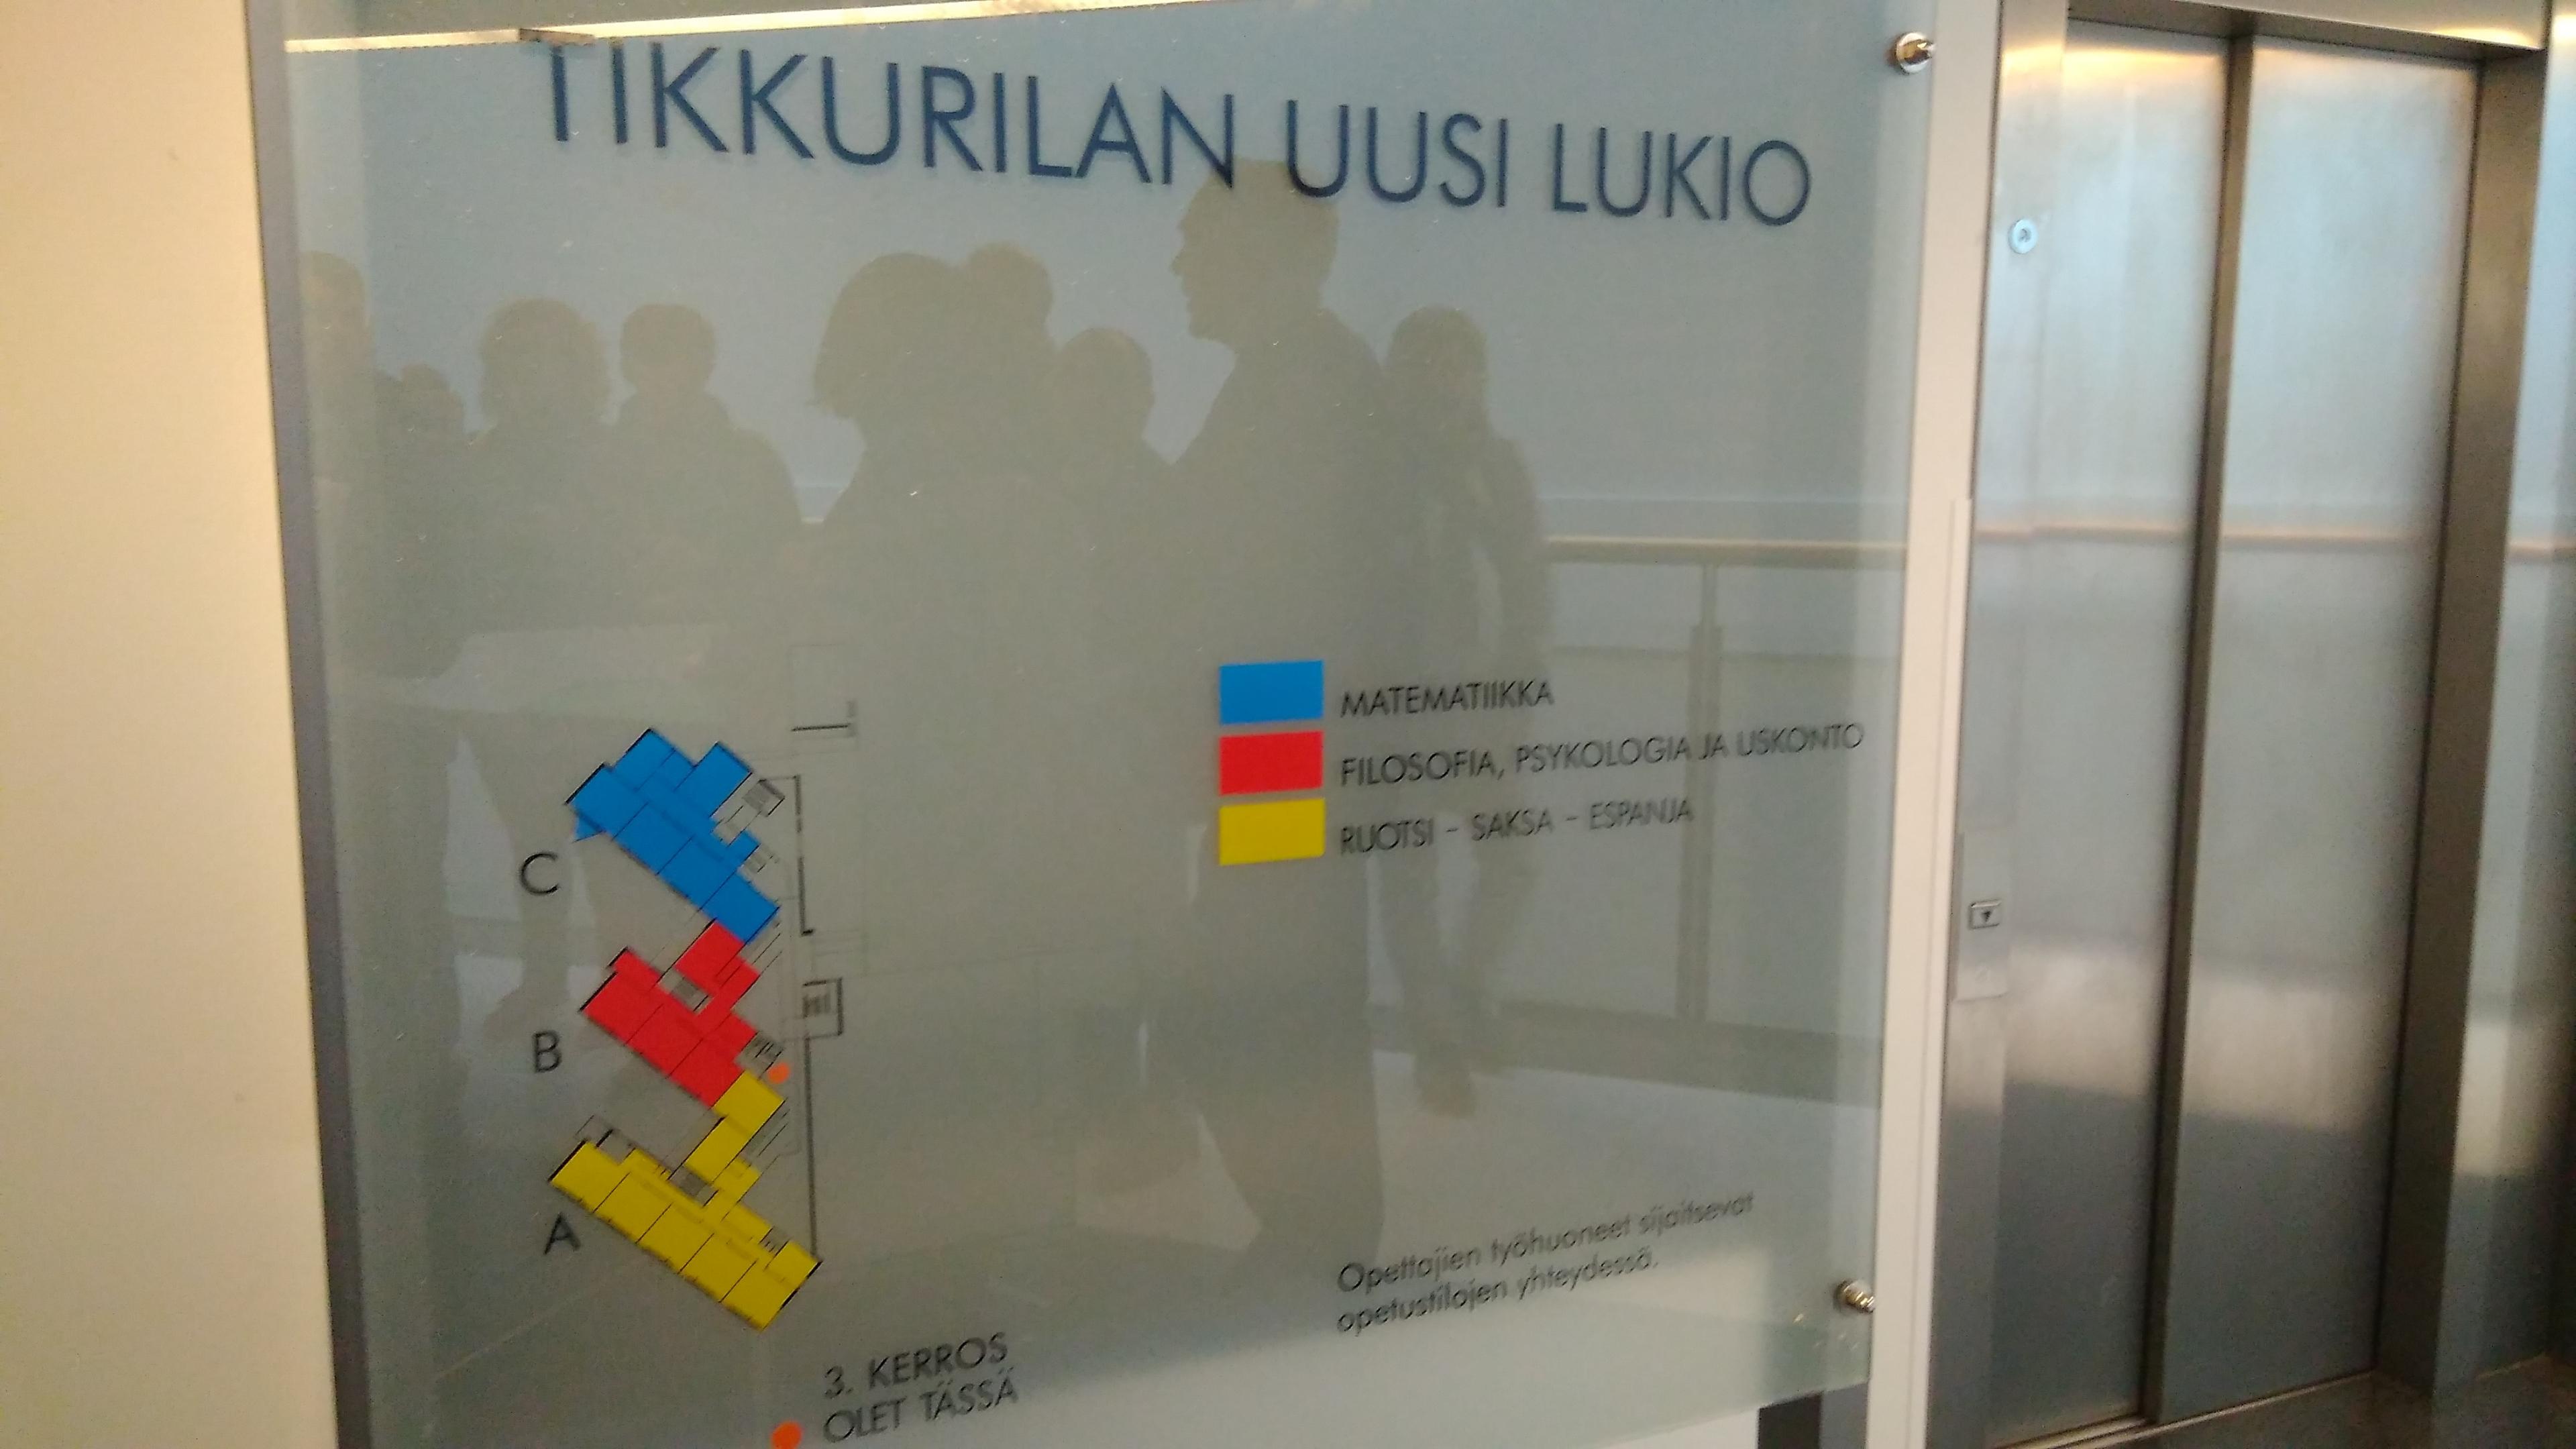 Tikkurilan Lukio. Helsinki (Finlandia) Erasmus + 2018 18